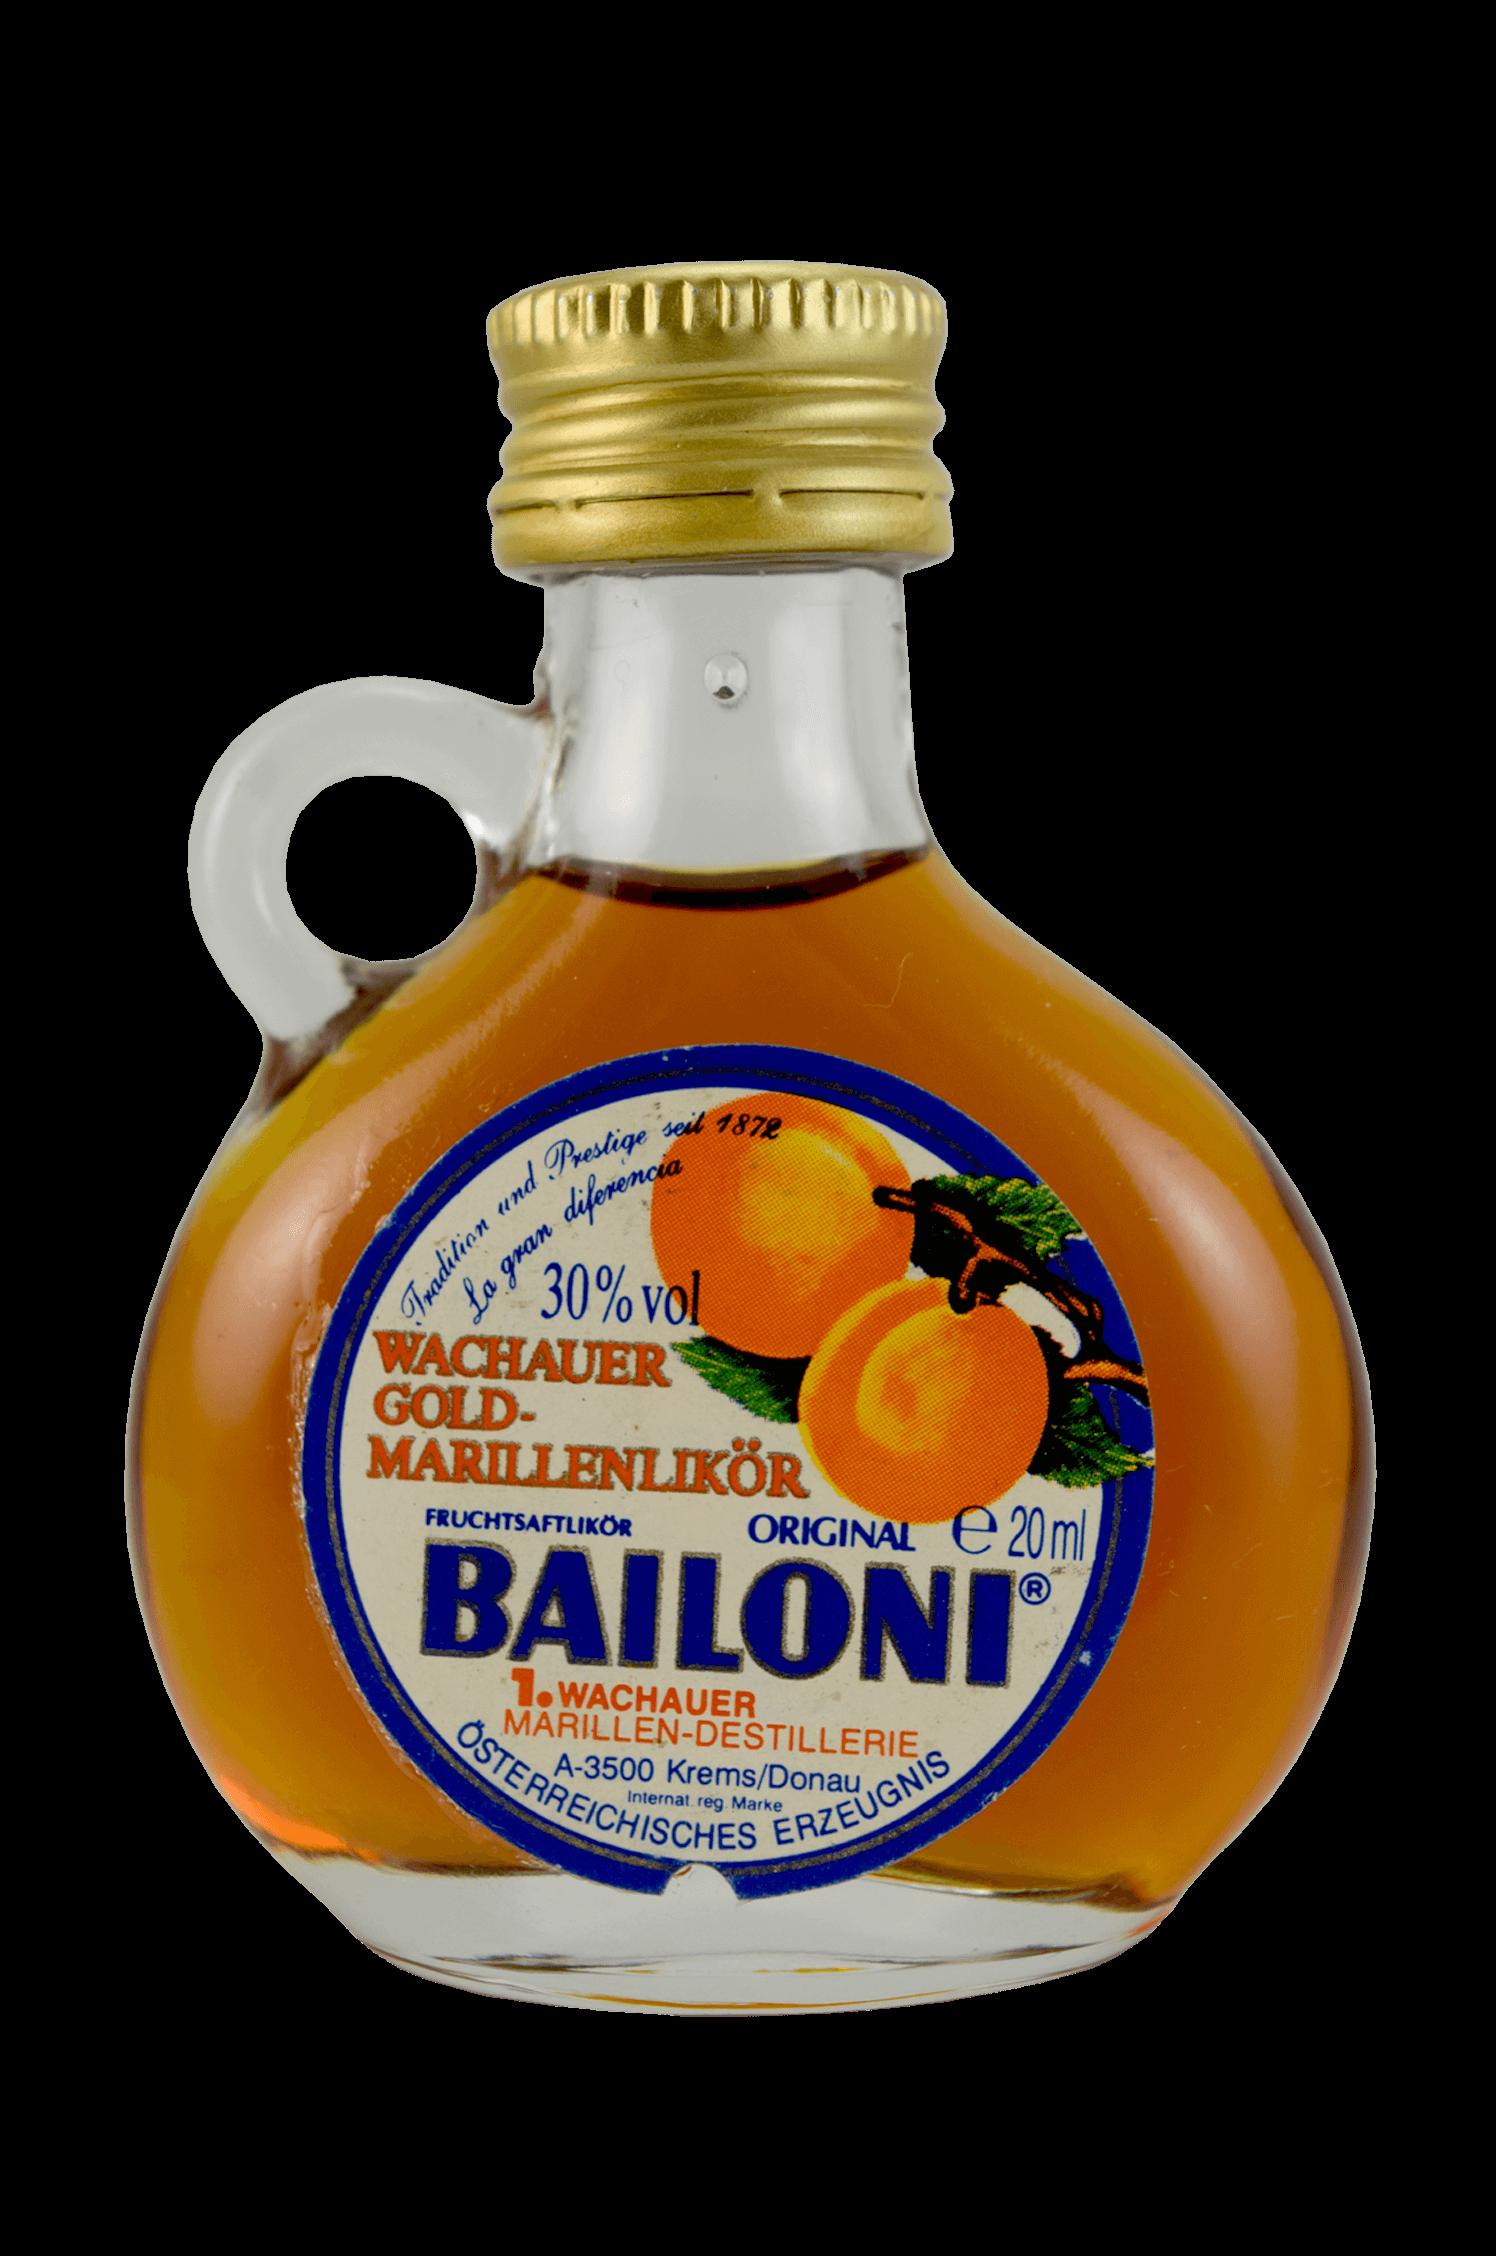 Bailoni Wachauer Gold Marillenlikör